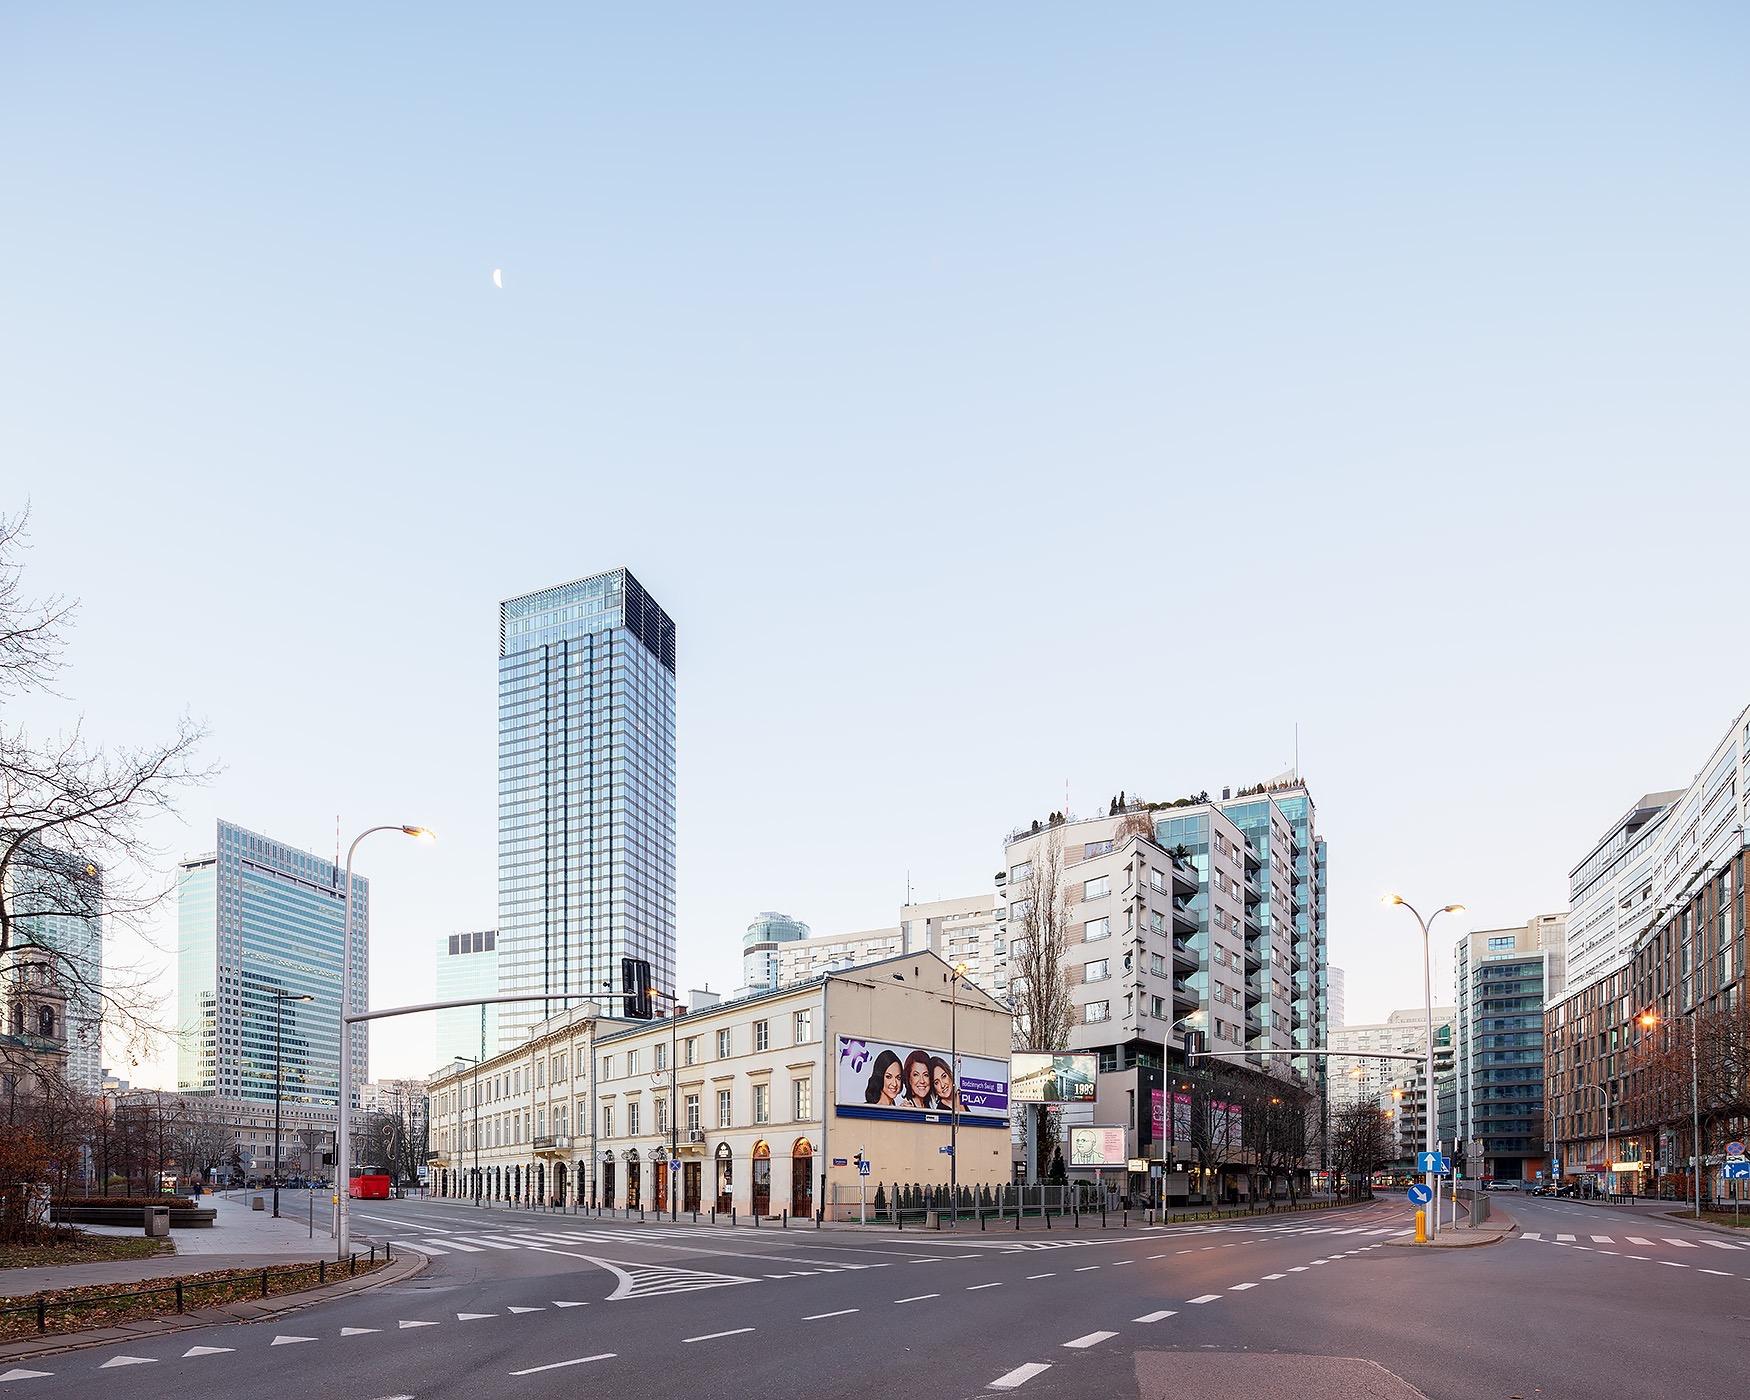 Plac Grzybowski